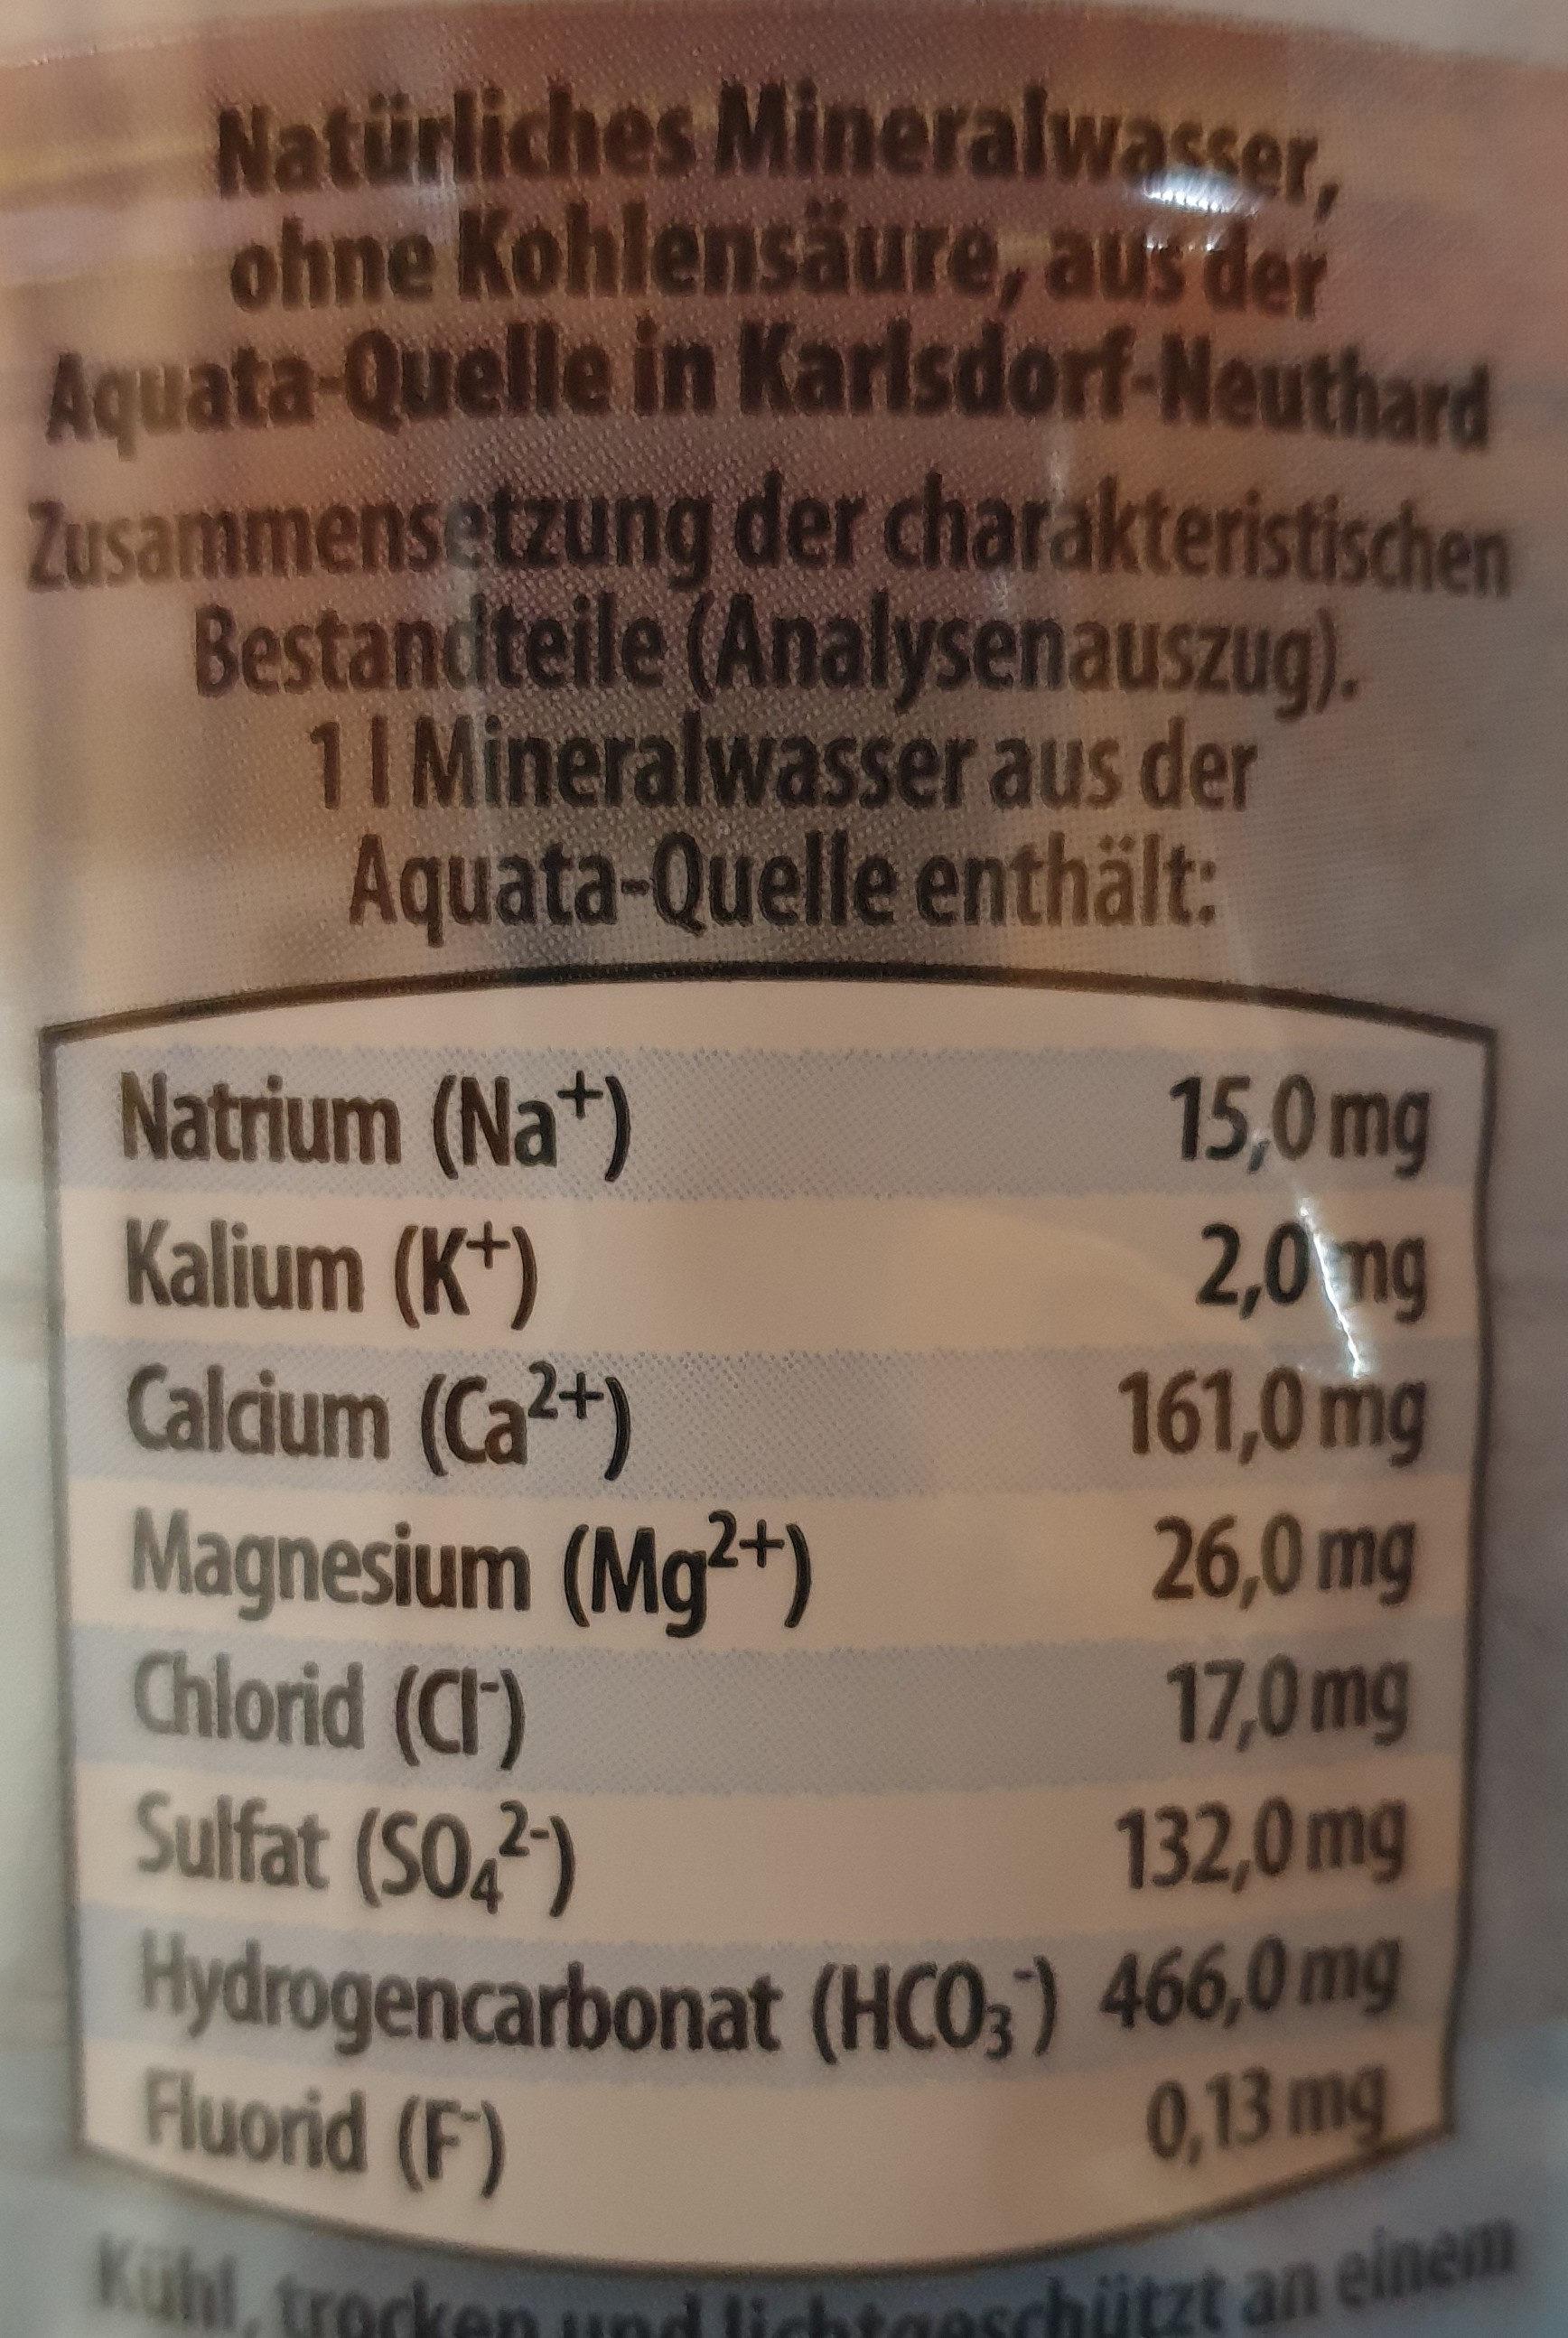 Natürliches Mineralwasser still - Ingredients - de